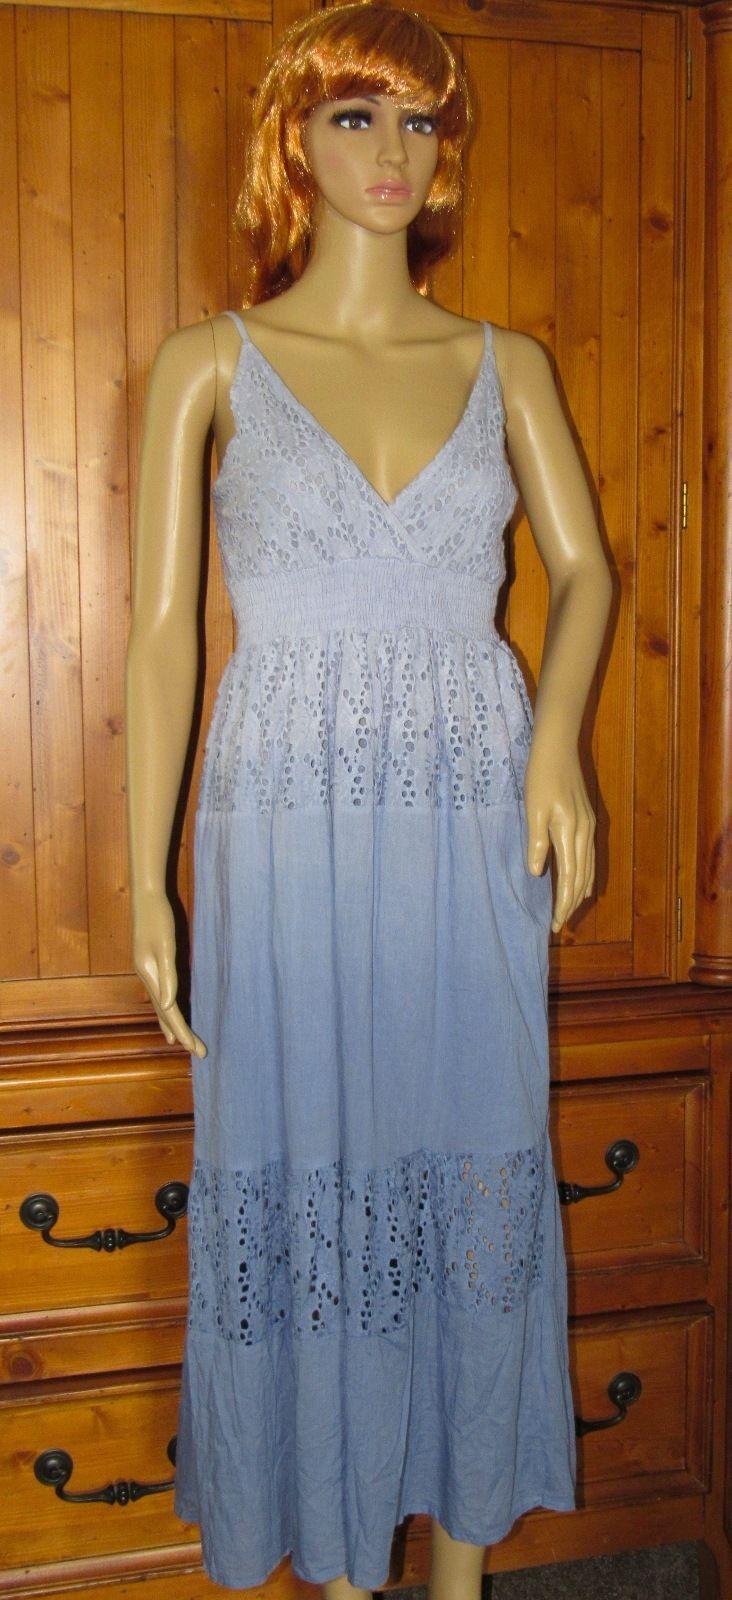 Bella Moda Cotton Blue Floral Sundress Mid-Calf Spaghetti Strap Size: S